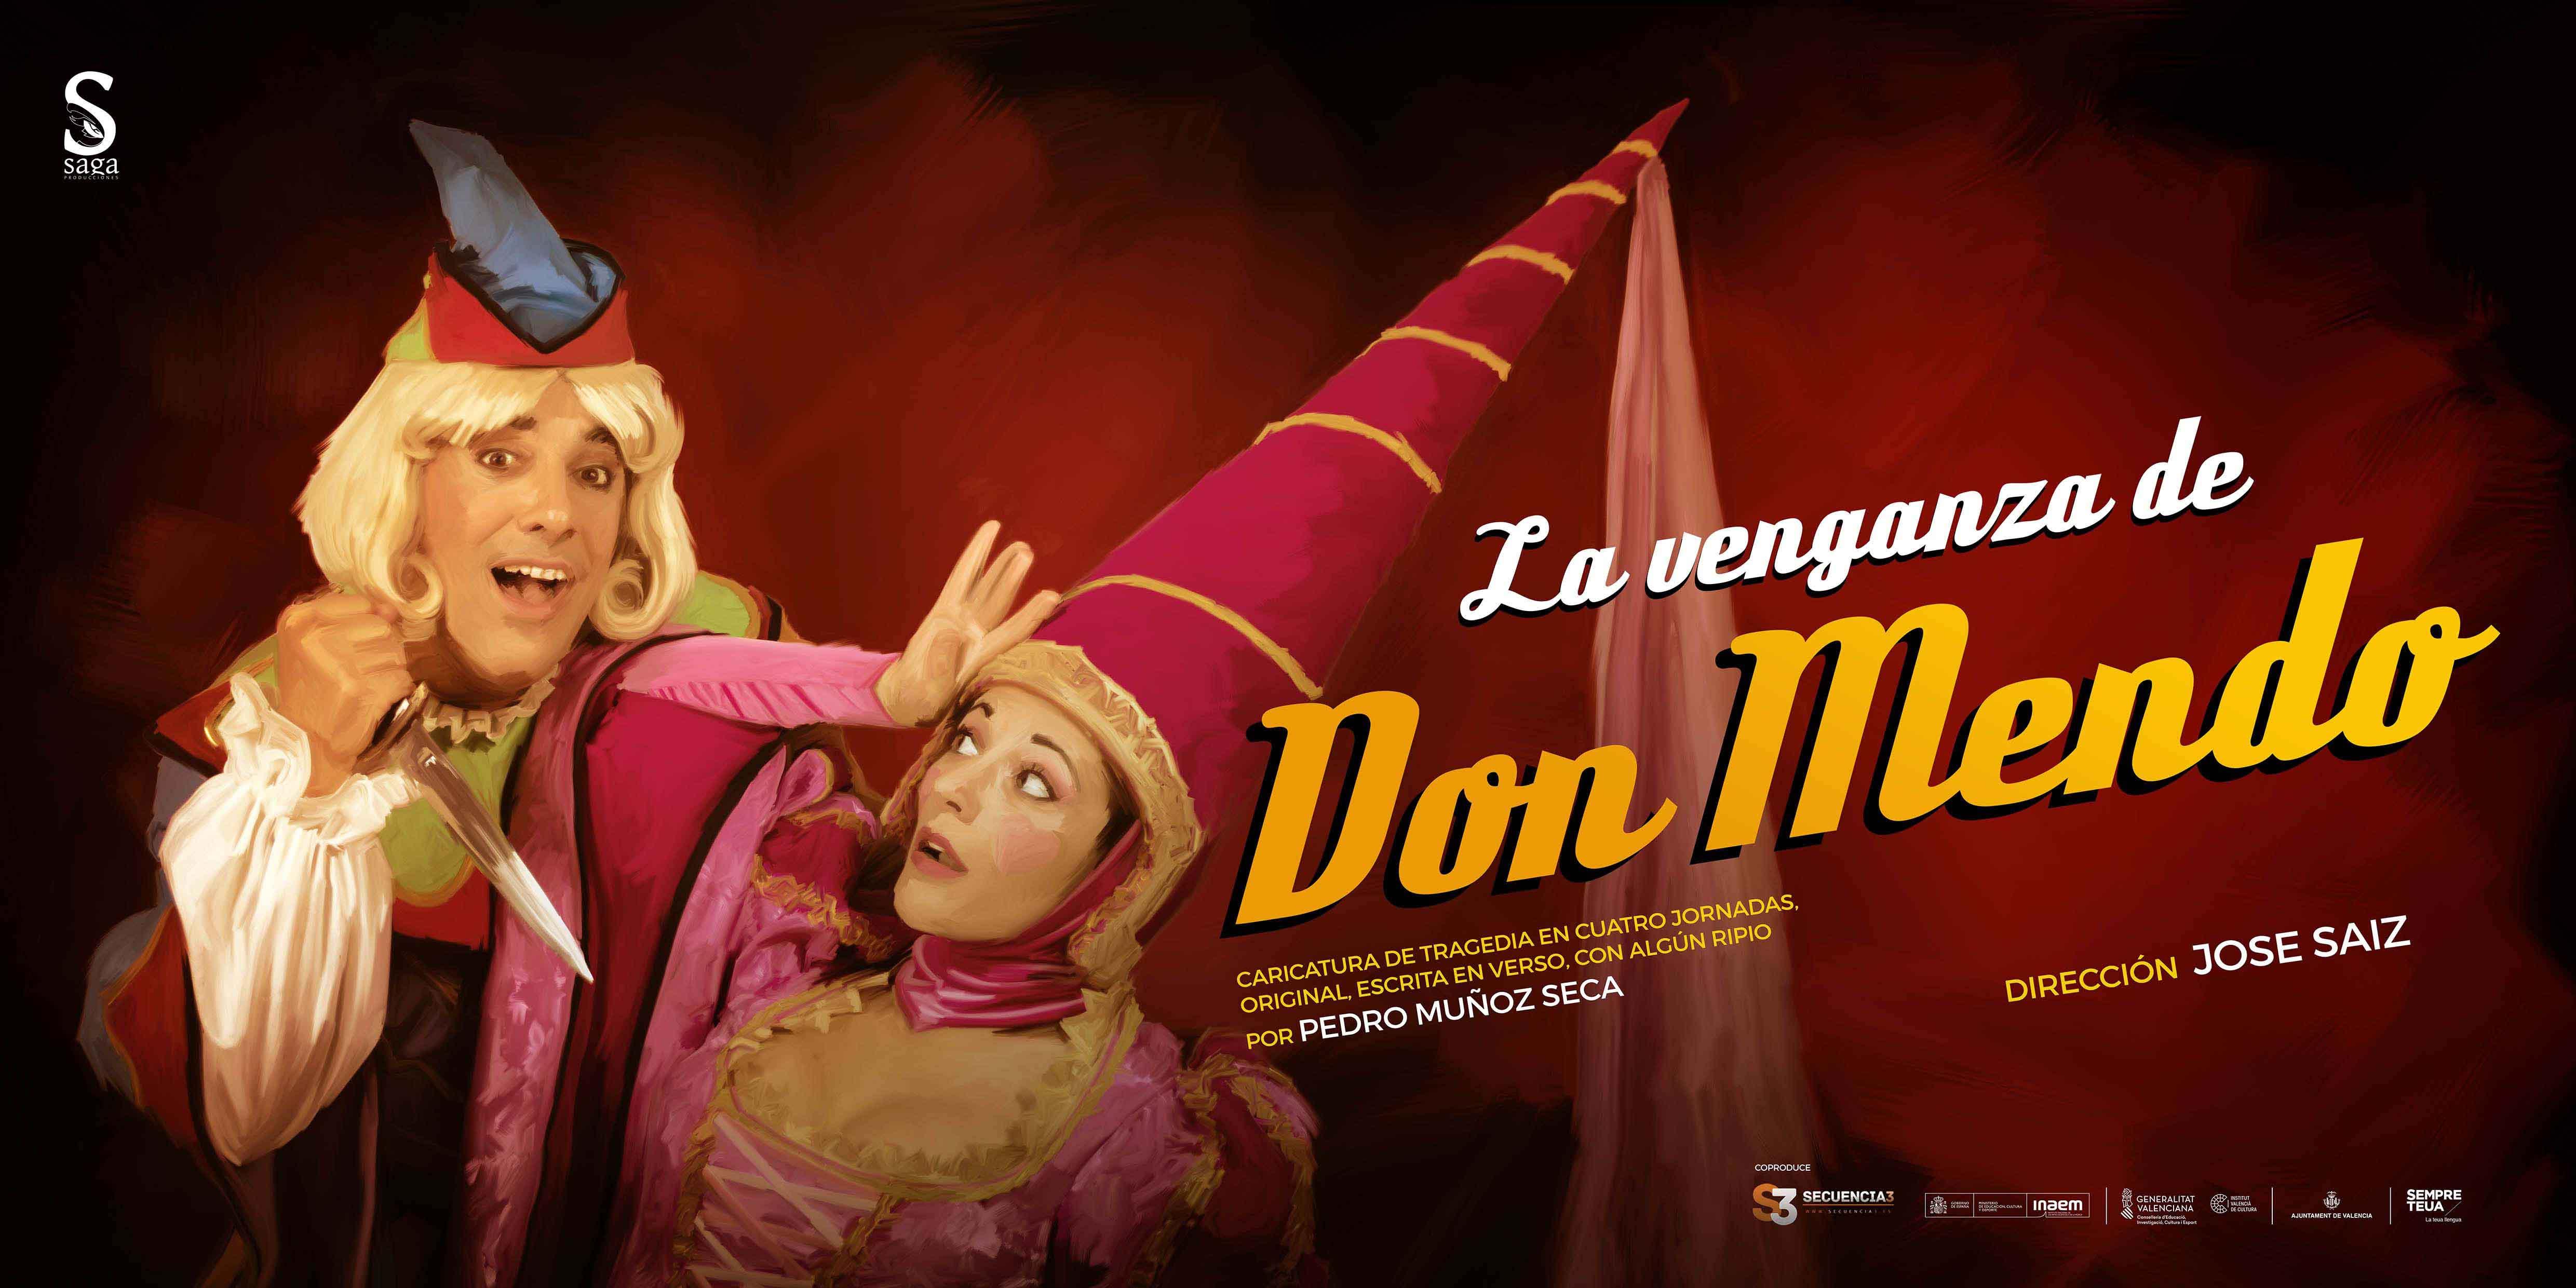 Imagen galeria LA VENGANZA DE DON MENDO